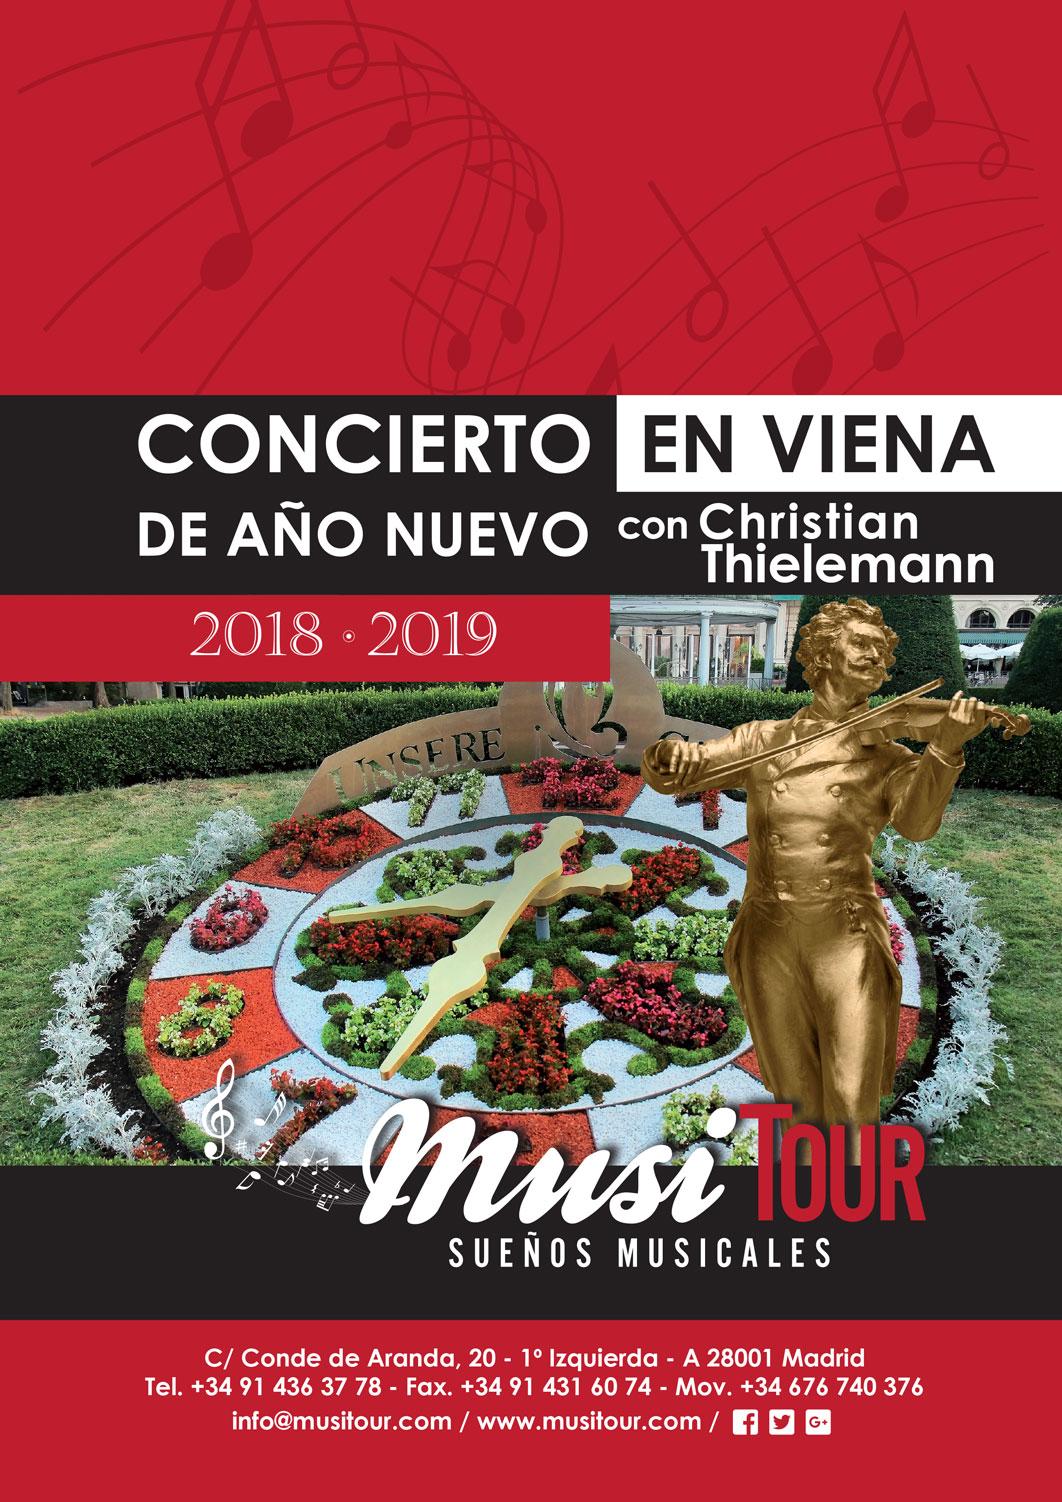 Fin de Año en Viena 2018-2019 con Christian Thielemann